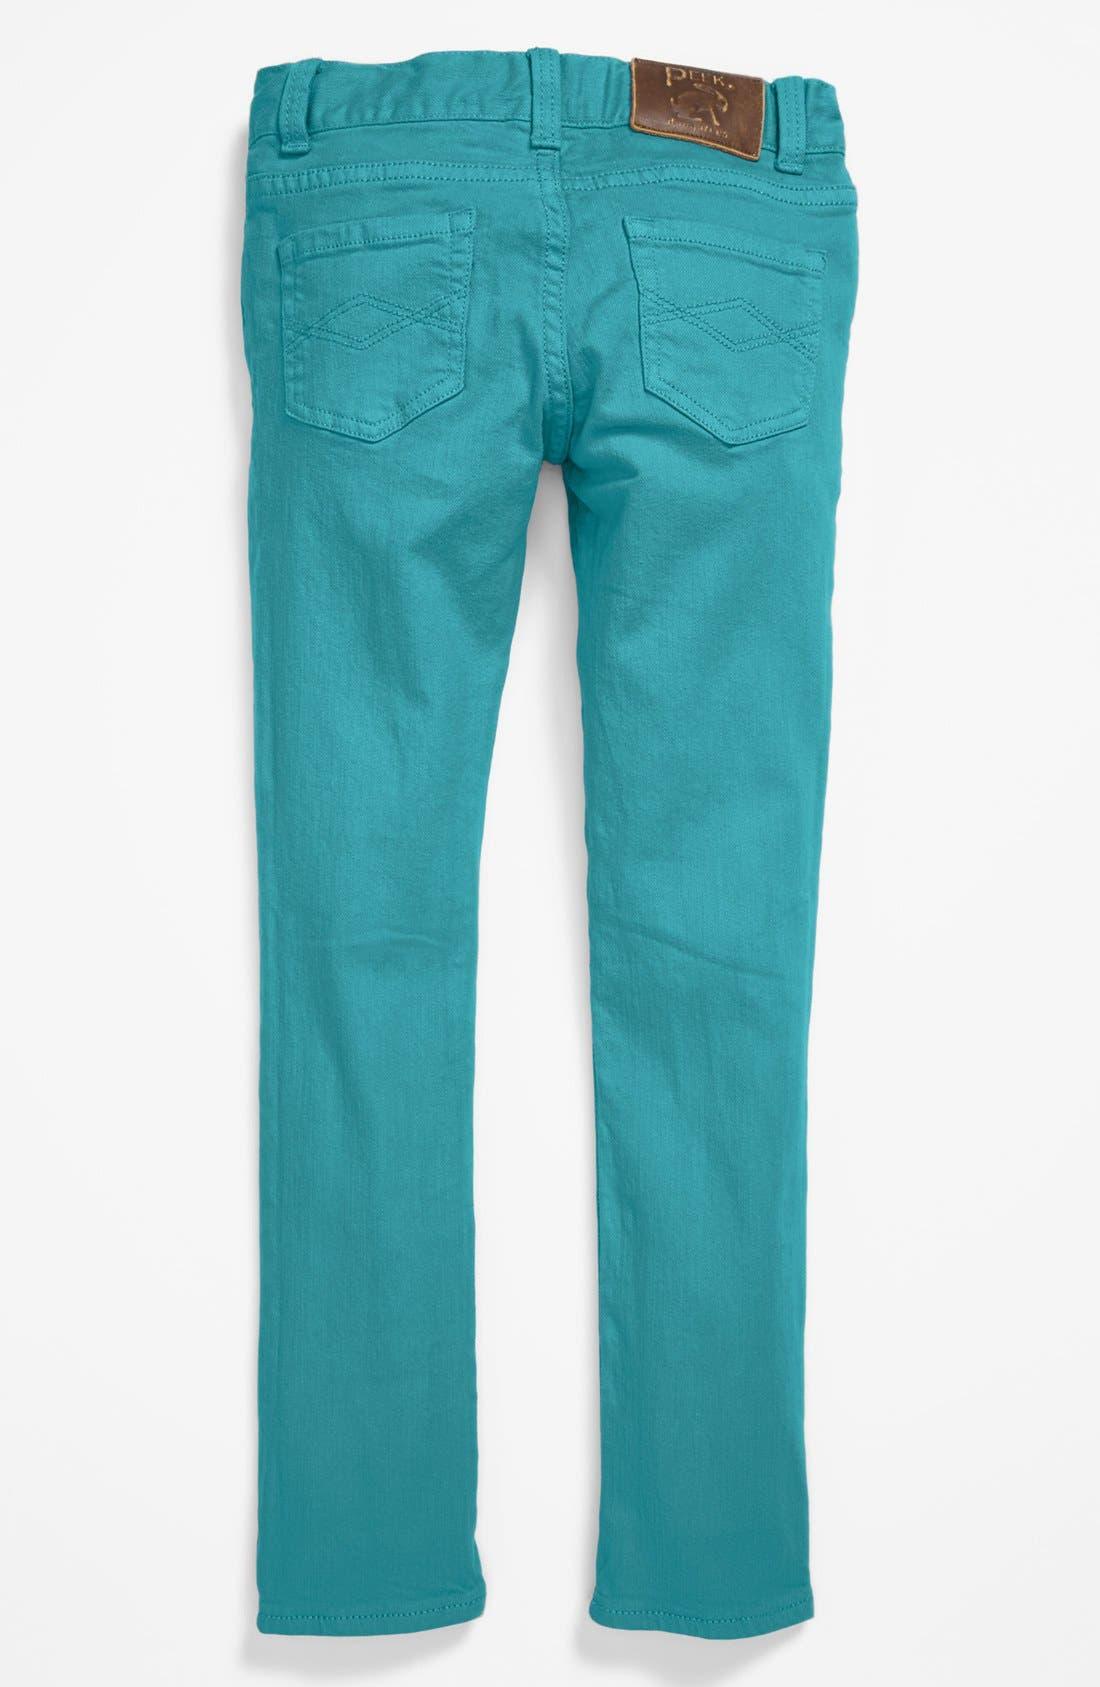 Alternate Image 1 Selected - Peek 'Margot' Skinny Jeans (Toddler Girls, Little Girls & Big Girls)